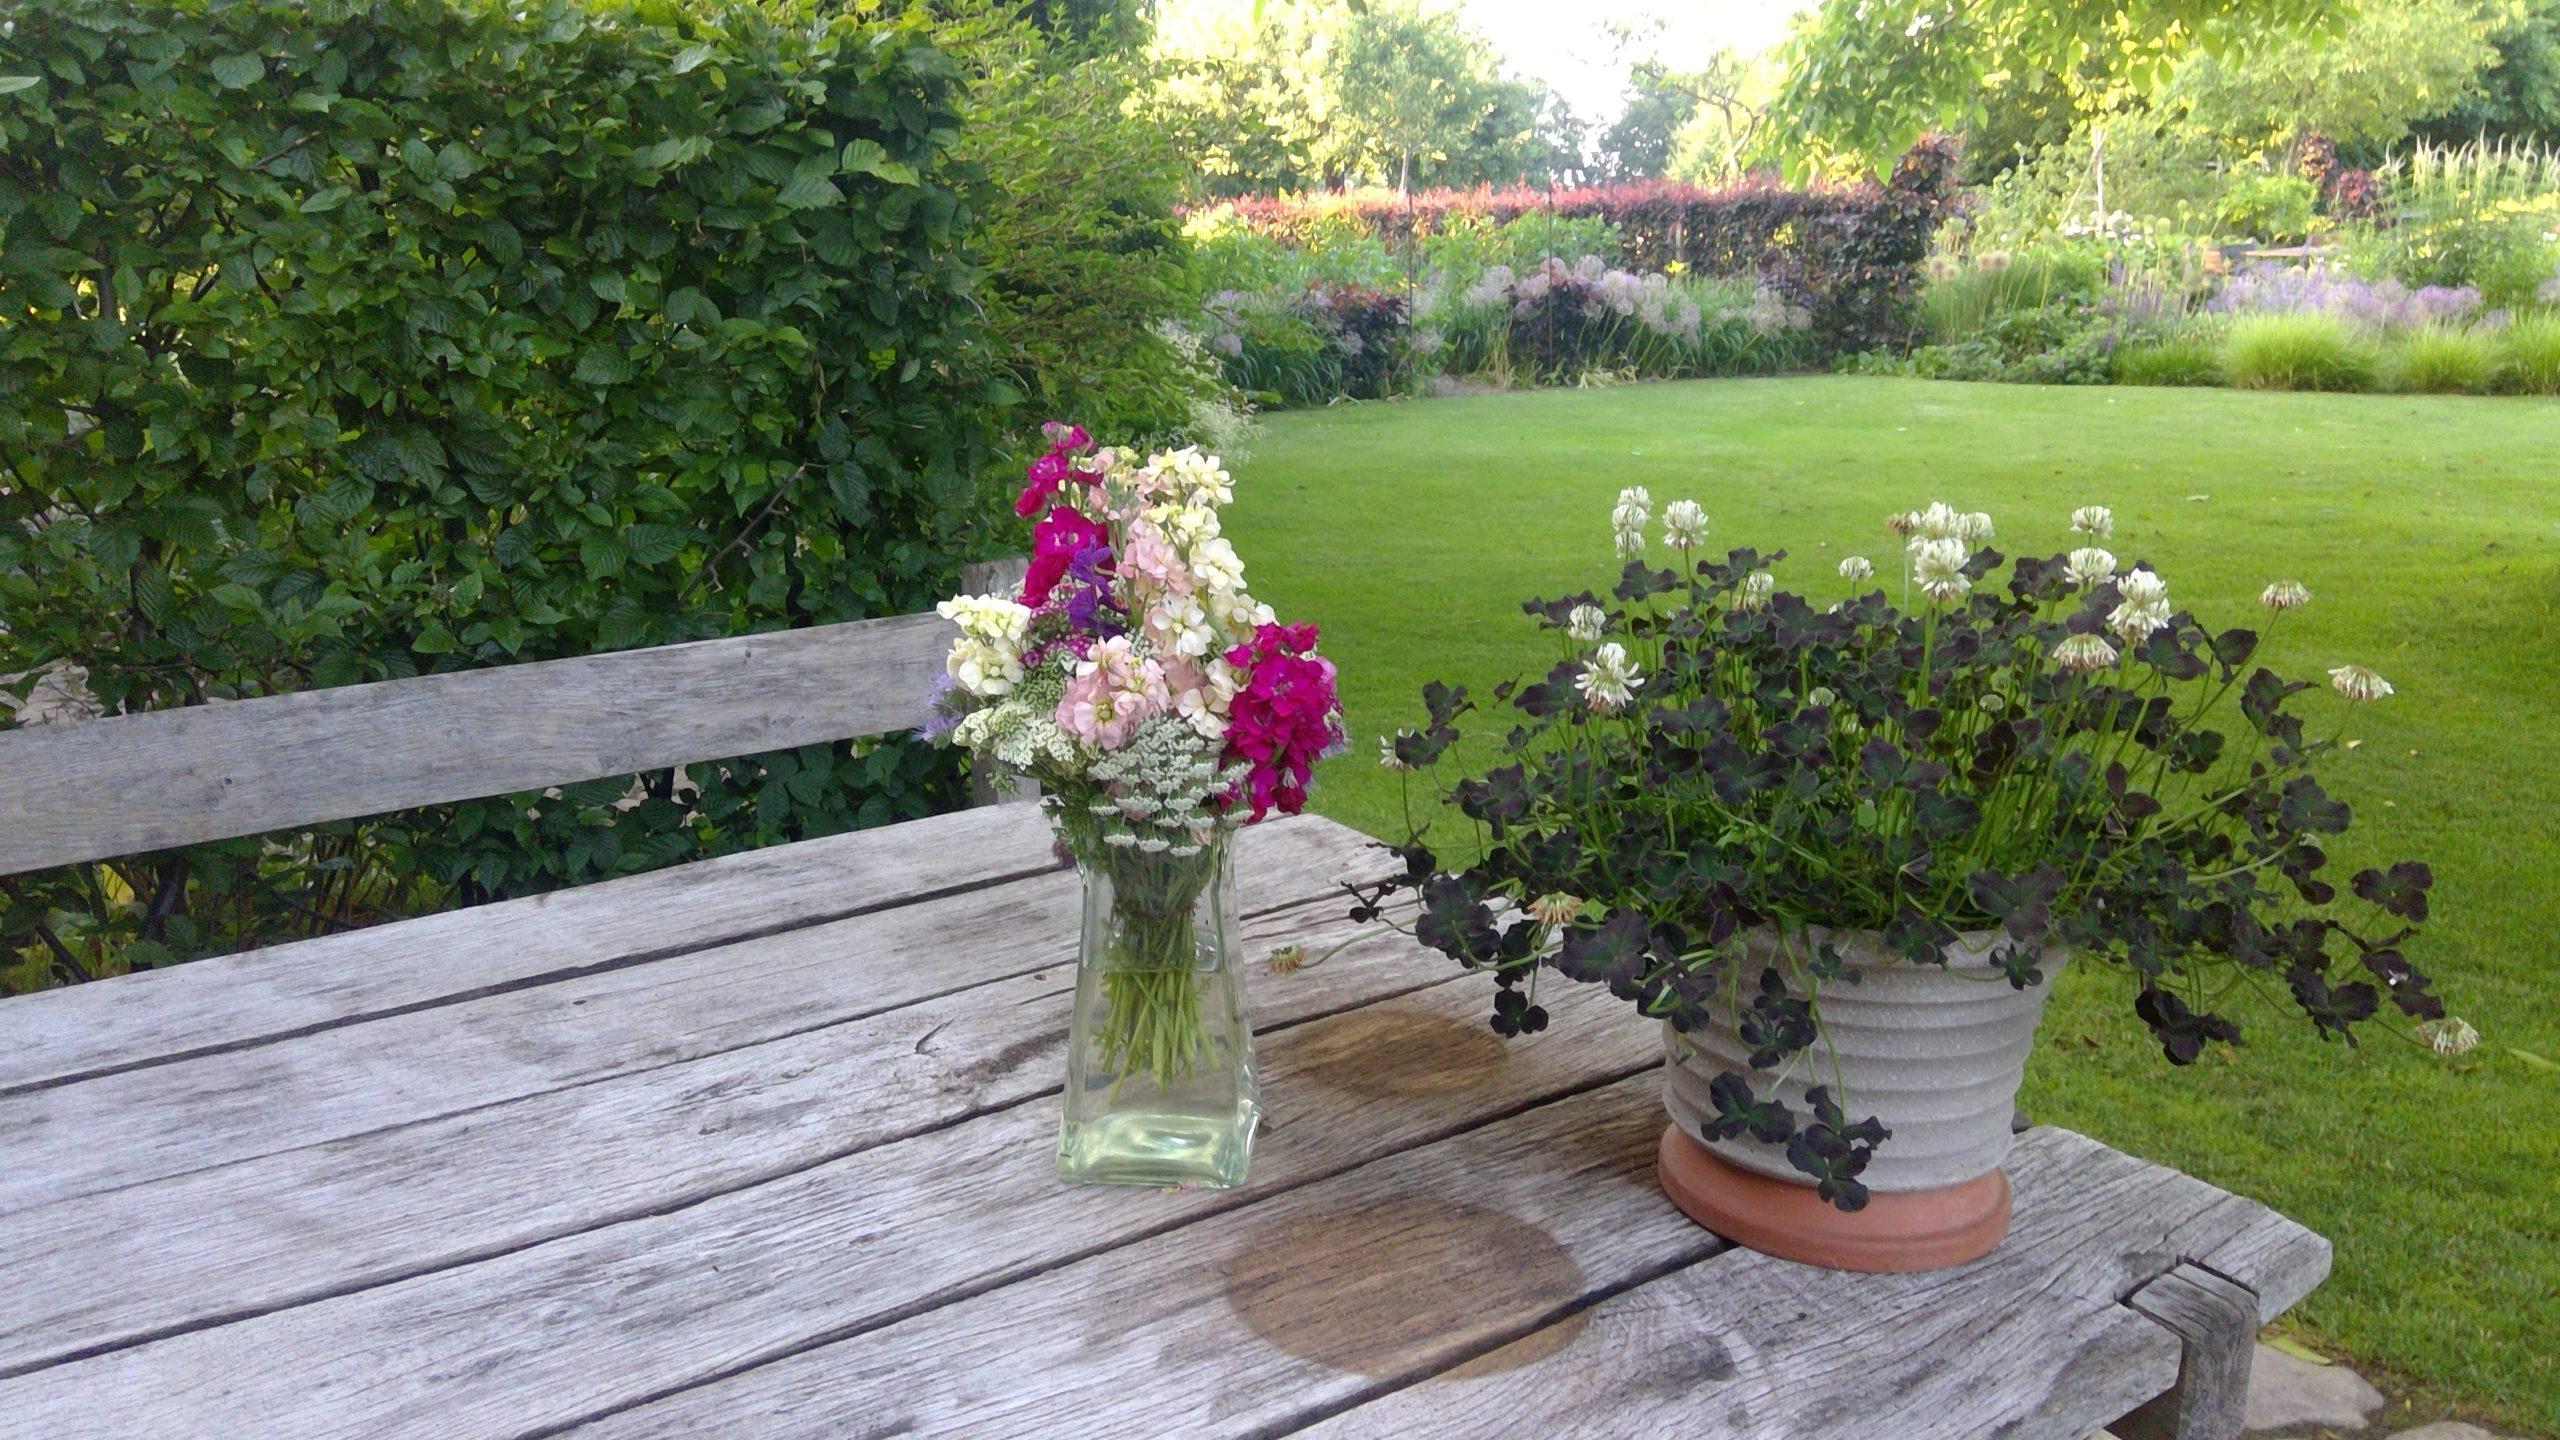 Pflanzenstillleben am Sitzplatz an der Küche